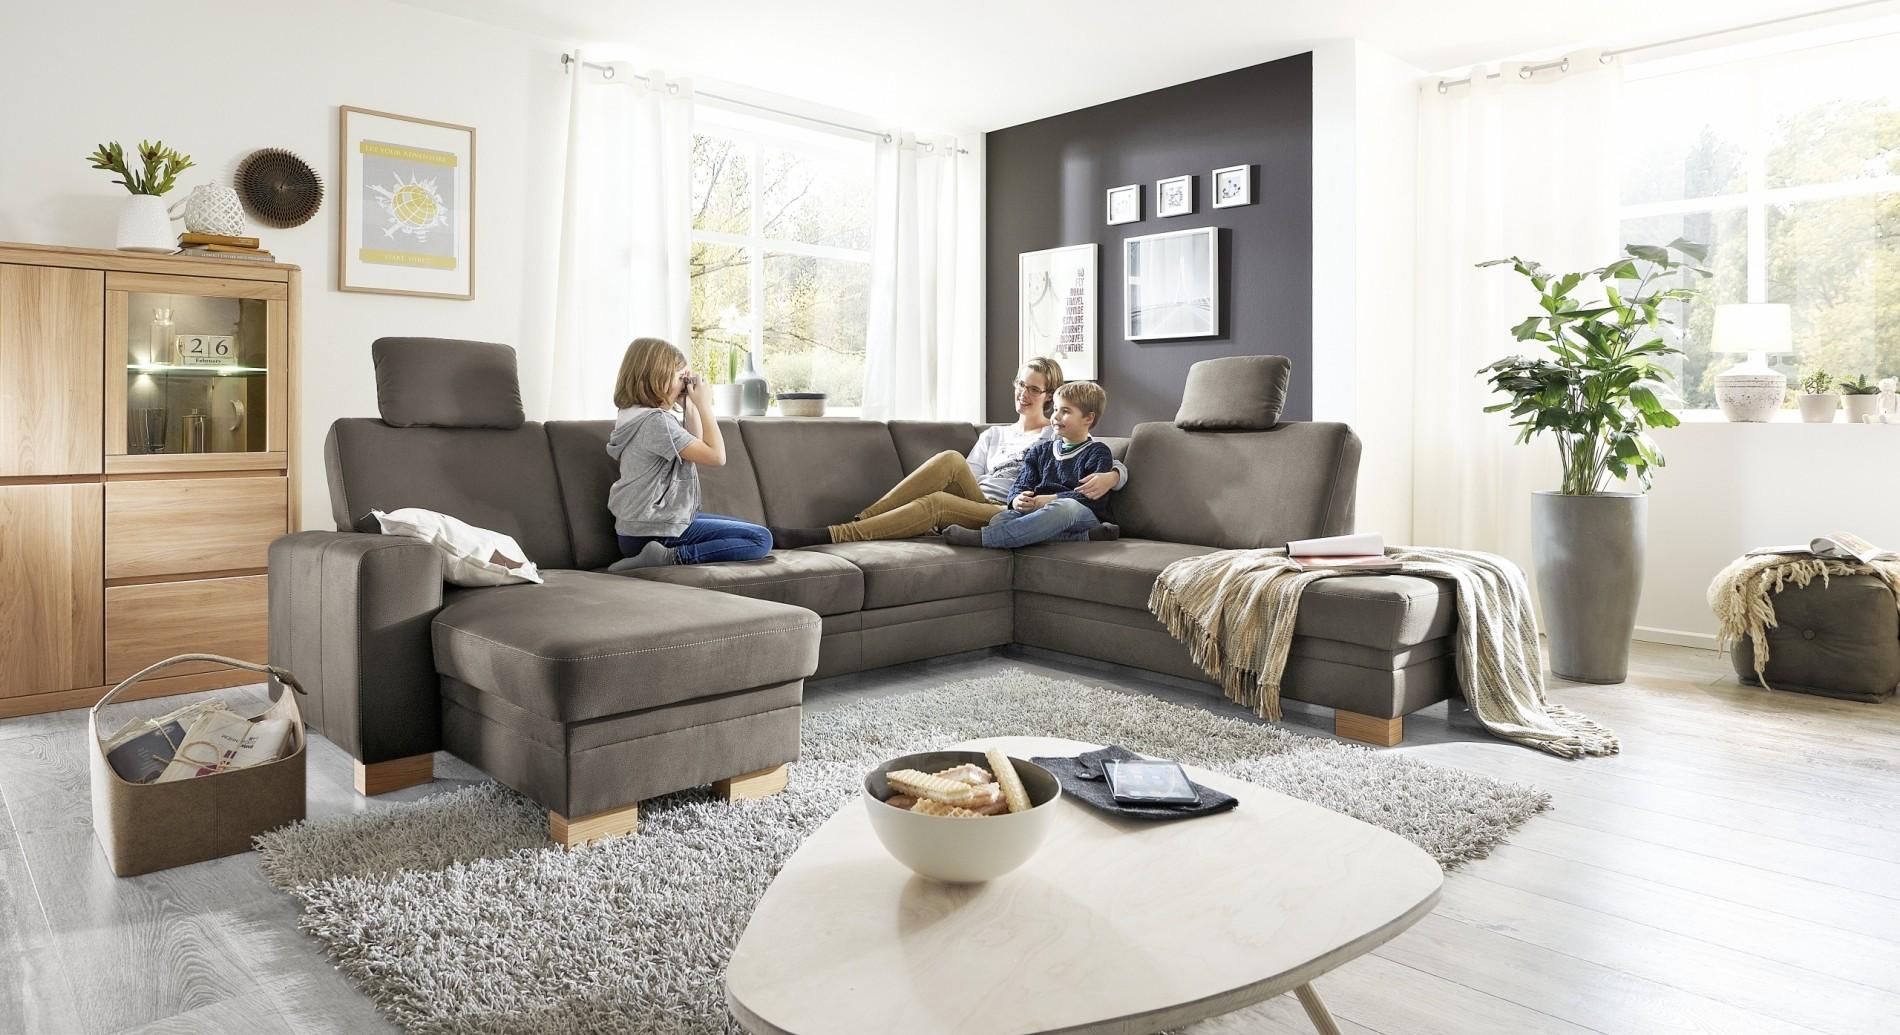 hochwertige-stoffgarnituren-polstermoebel-sofas